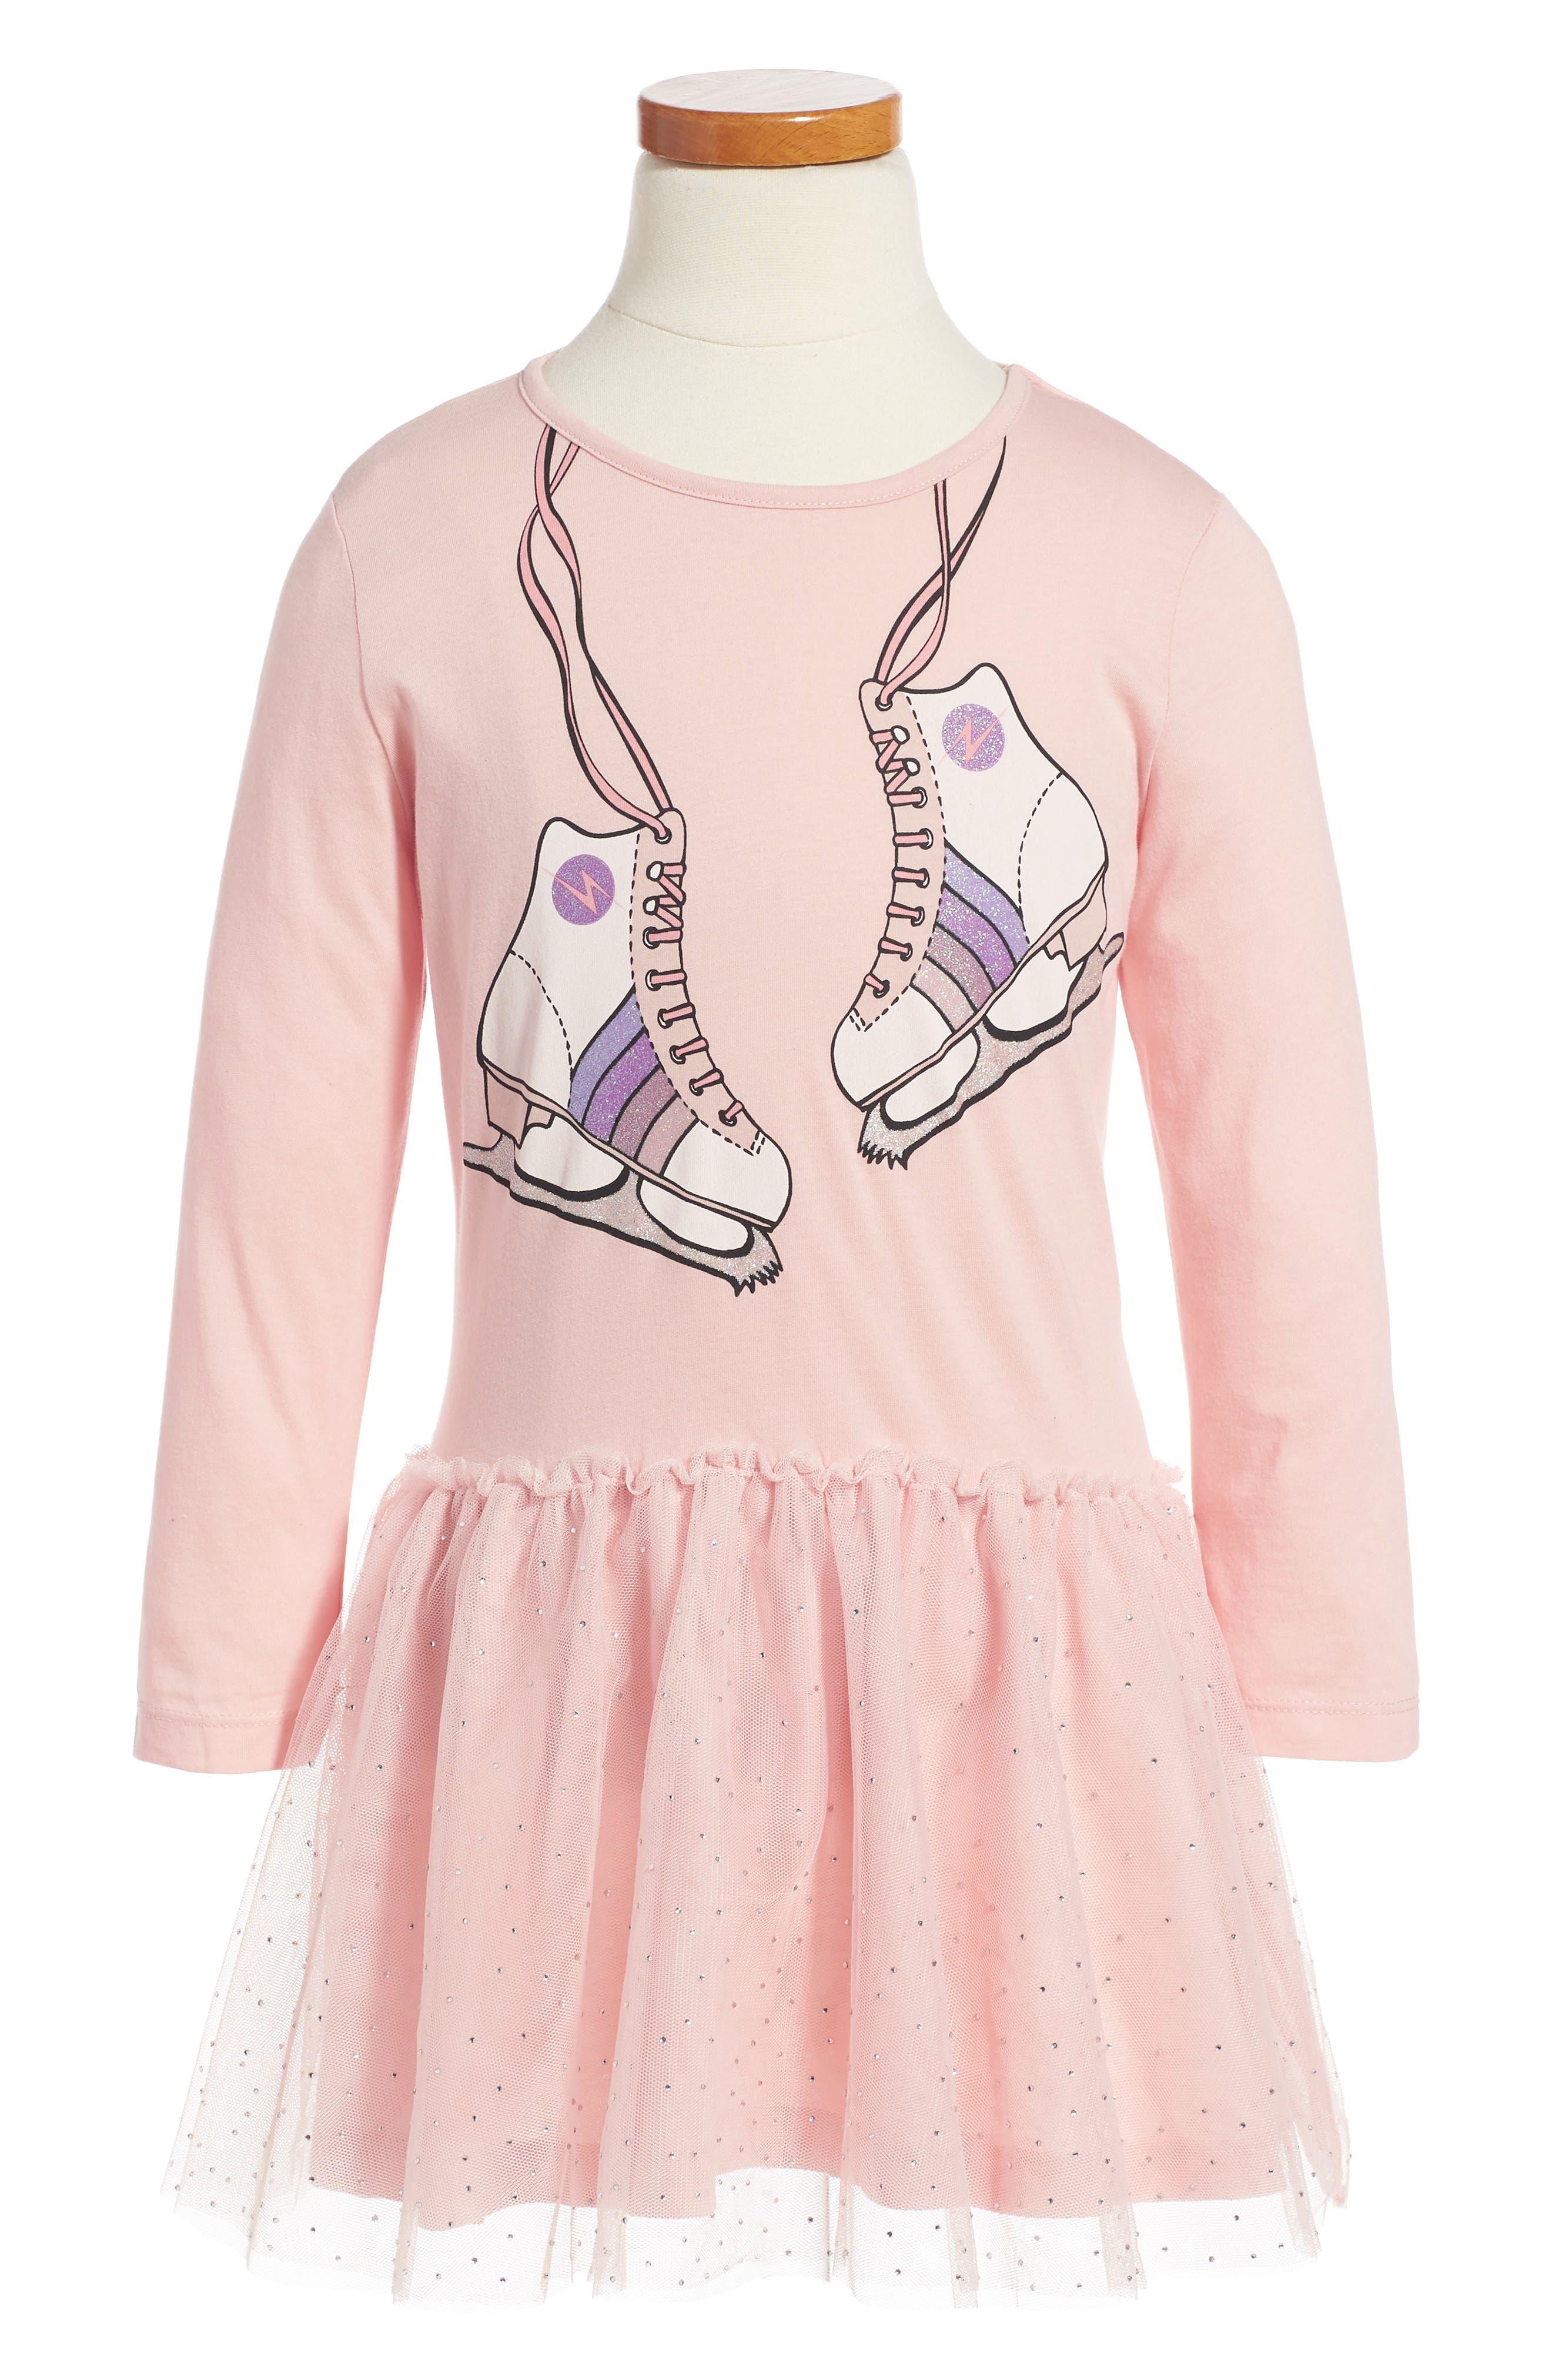 Kids Primrose Skates Dress,                             Main thumbnail 1, color,                             650